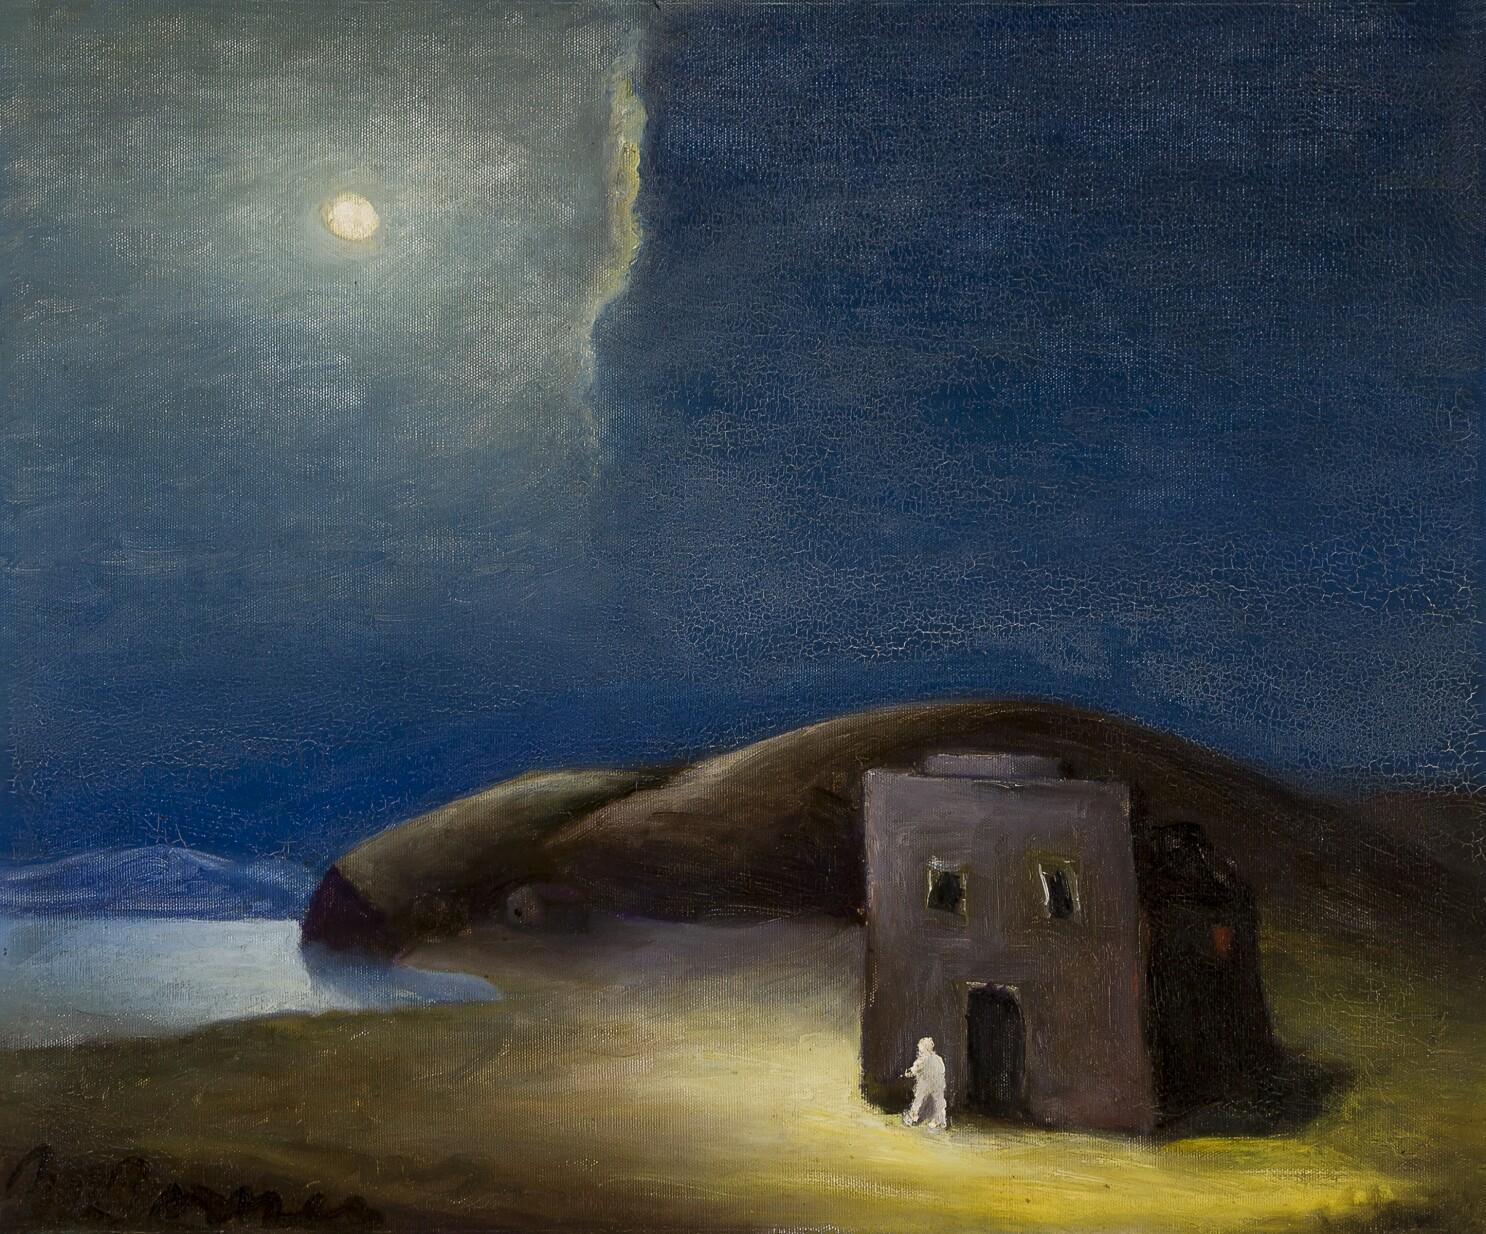 In Oceanside Museum of Art exhibit, San Francisco artist Matthew